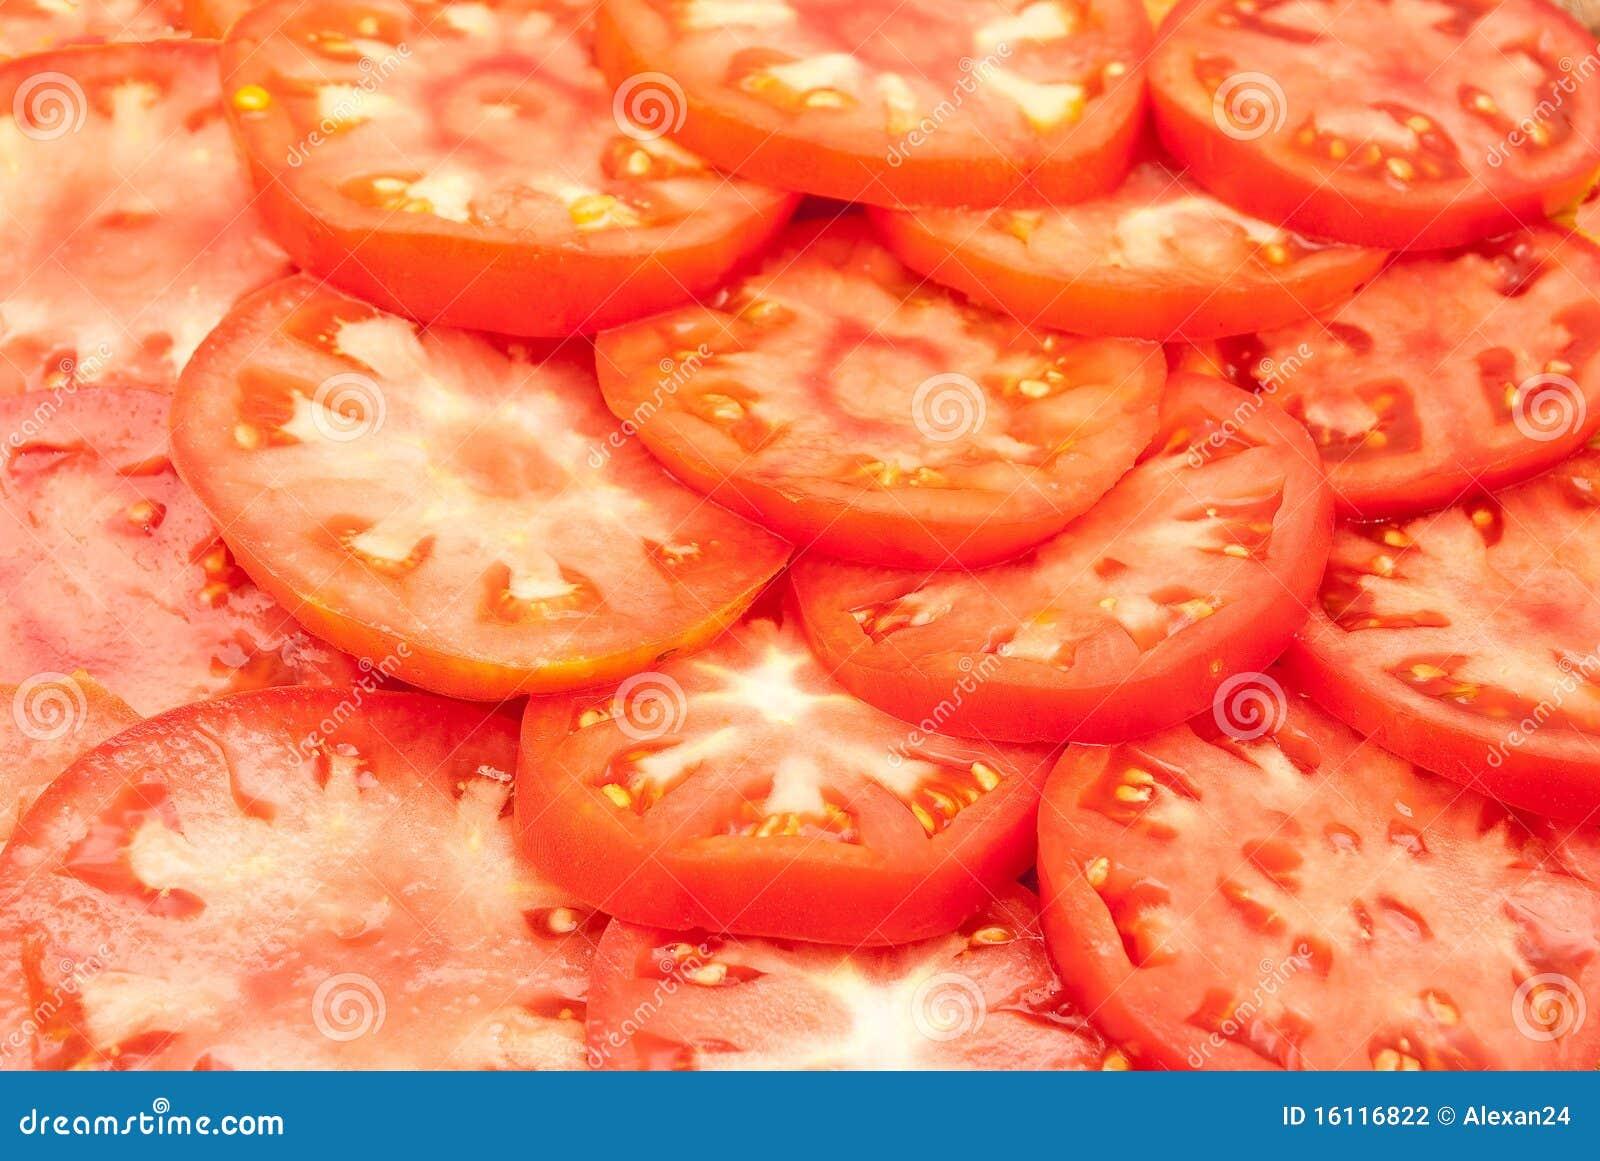 Rode Gesneden Tomaten Stock Fotografie - Afbeelding: 16116822